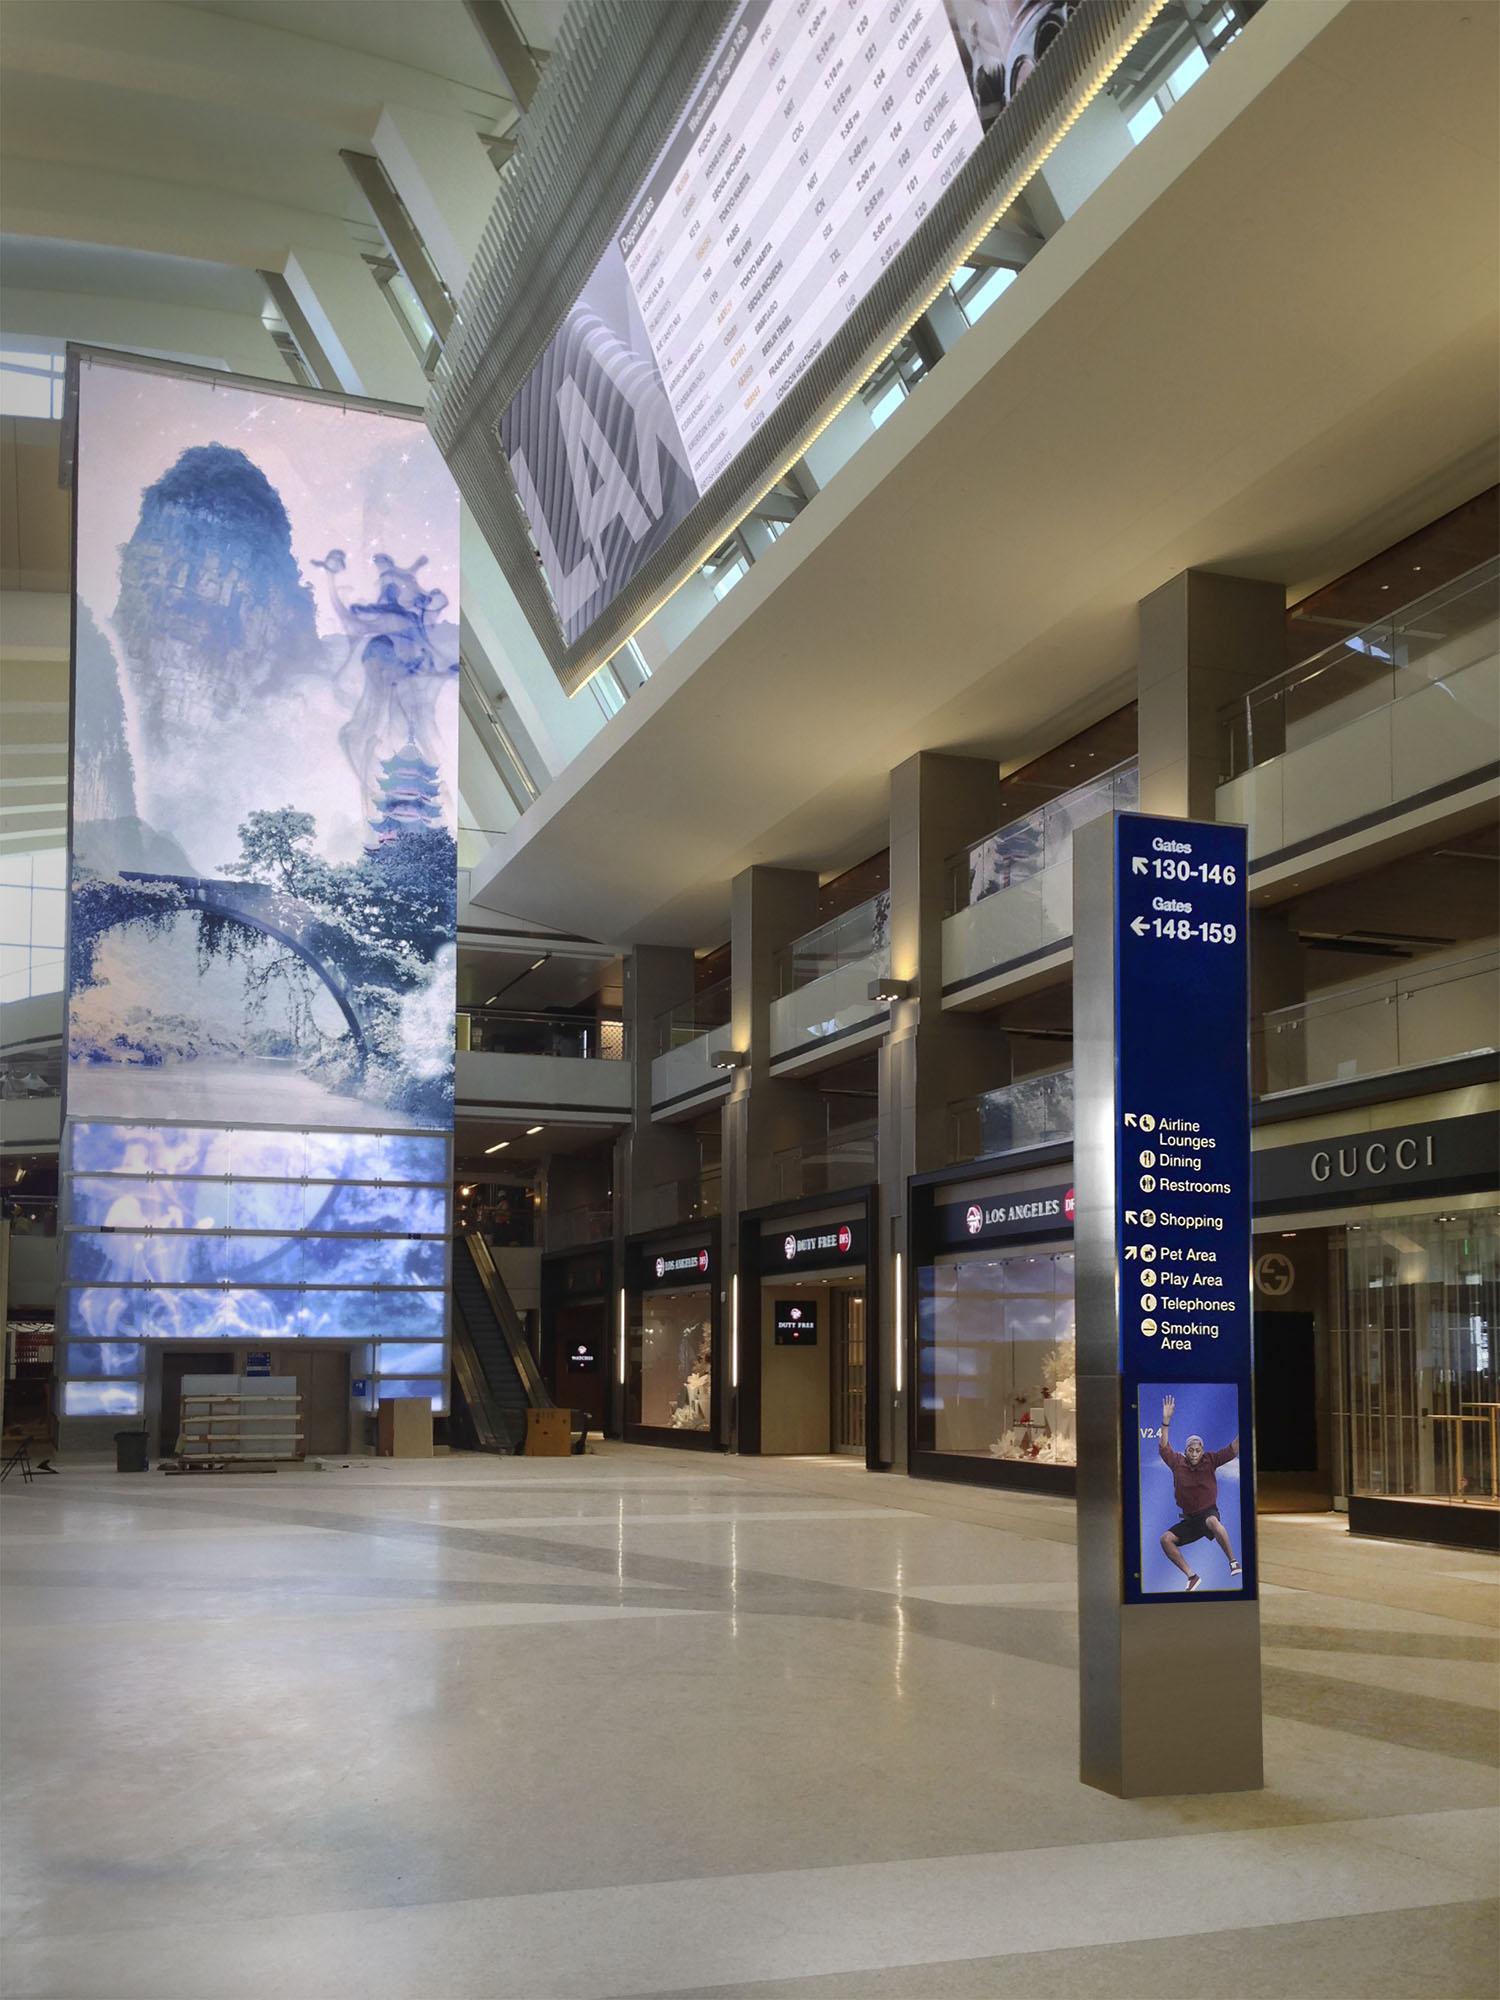 洛杉矶国际机场LAX地标设计©Selbert Perkins Design